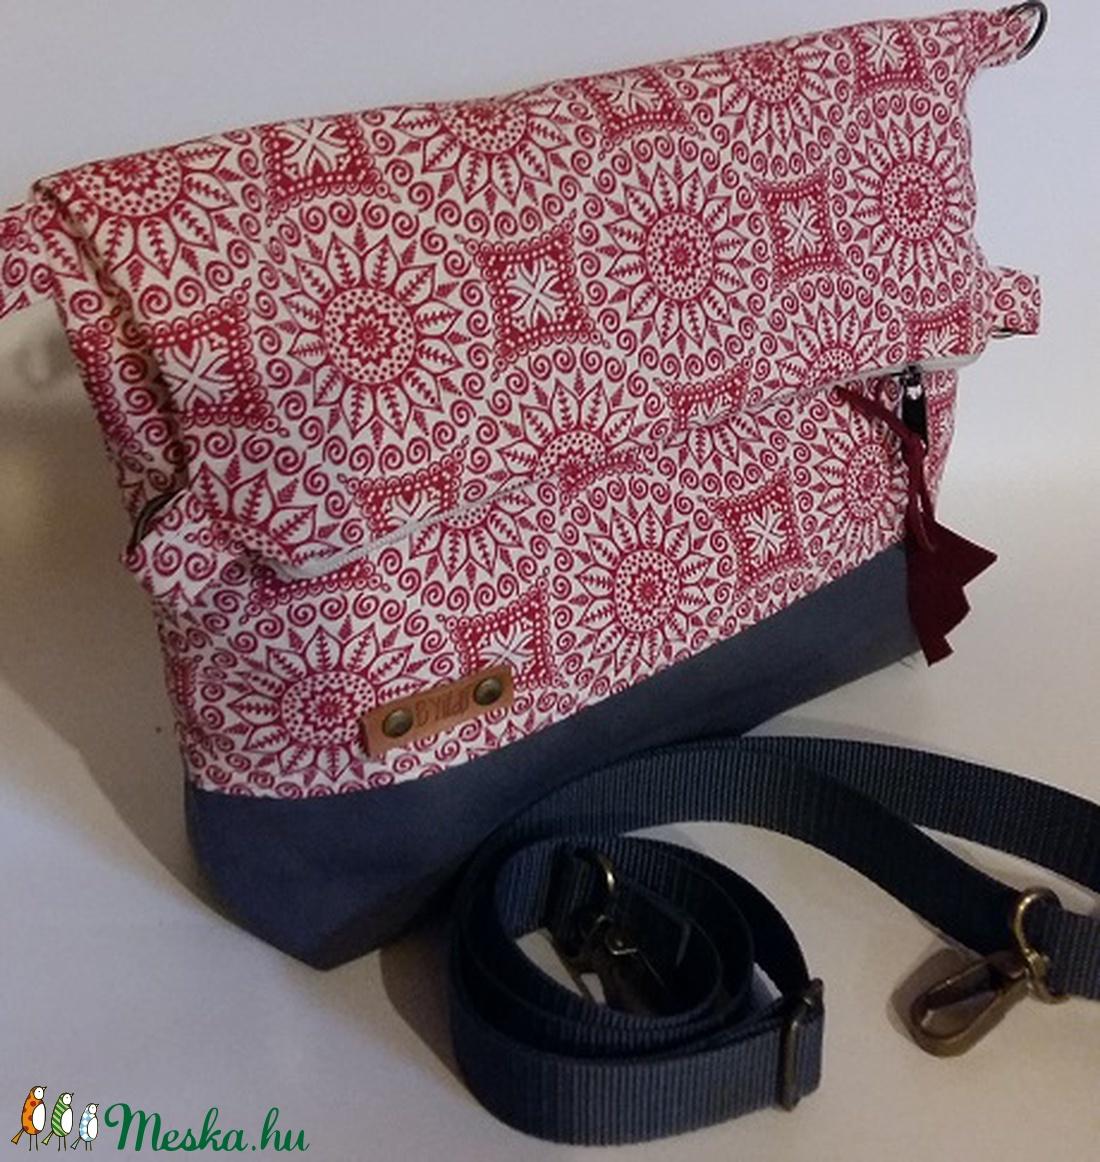 AKCIÓ 7500 Ft Táska Válltáska ipad táska piros mandala táska női  mindennapos táska 1c860d175b